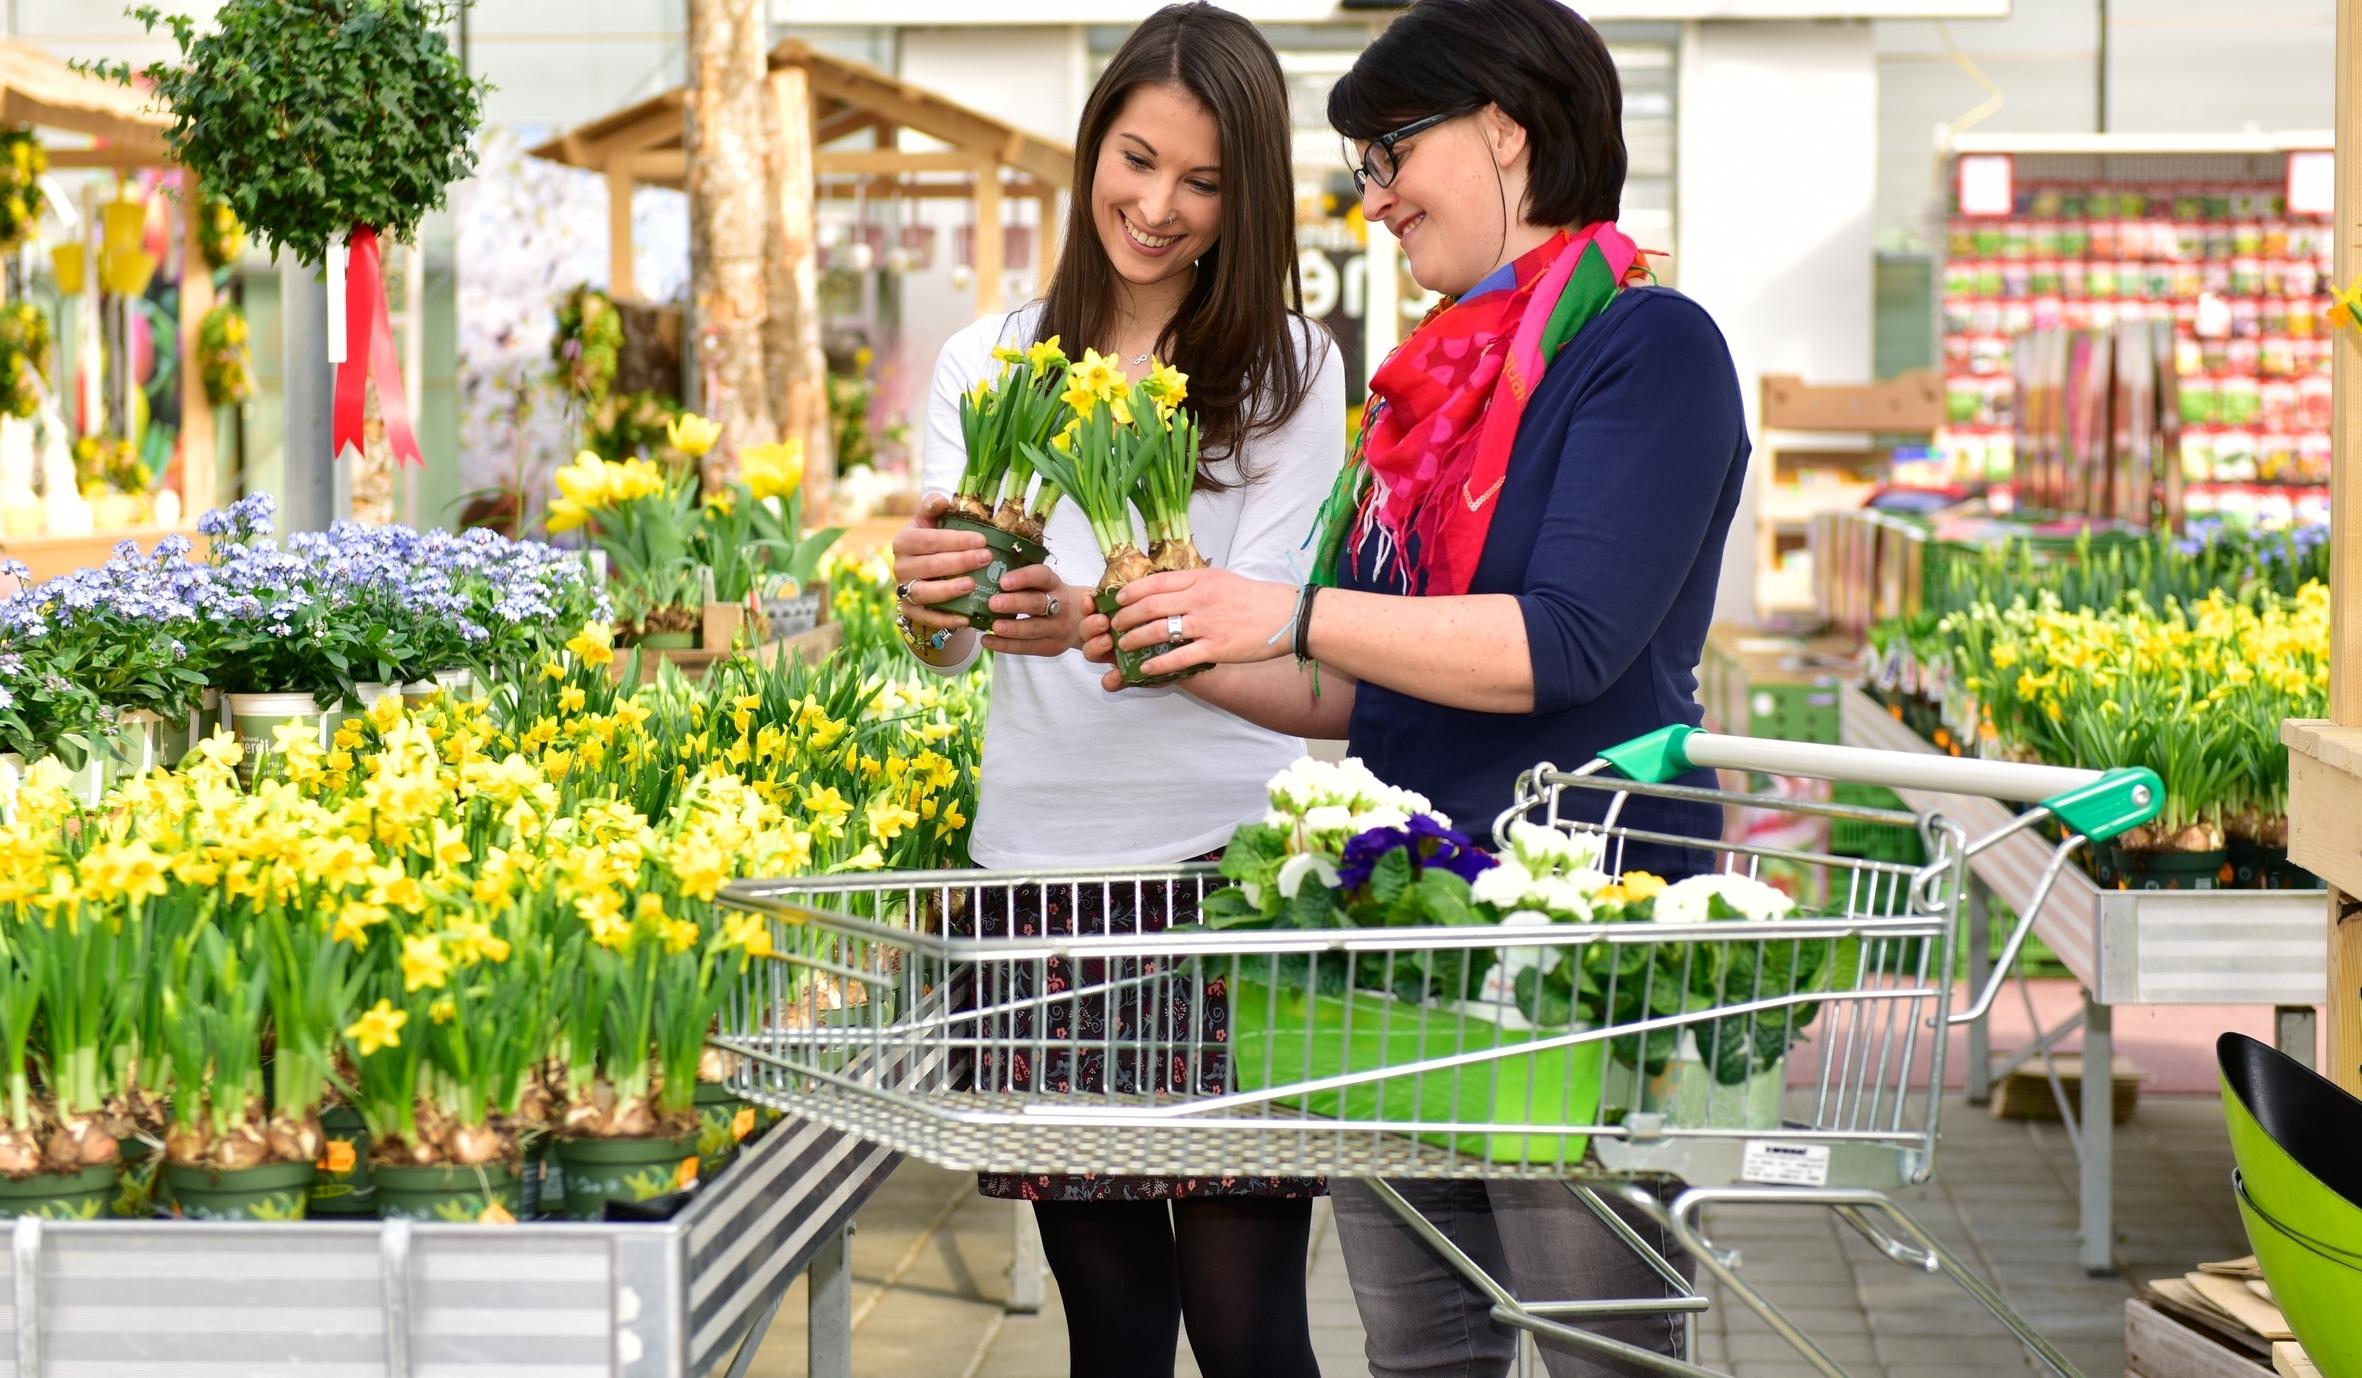 Erblühtes Glück: Mit farbenfrohen Frühlingsboten das Ende des Winters feiern